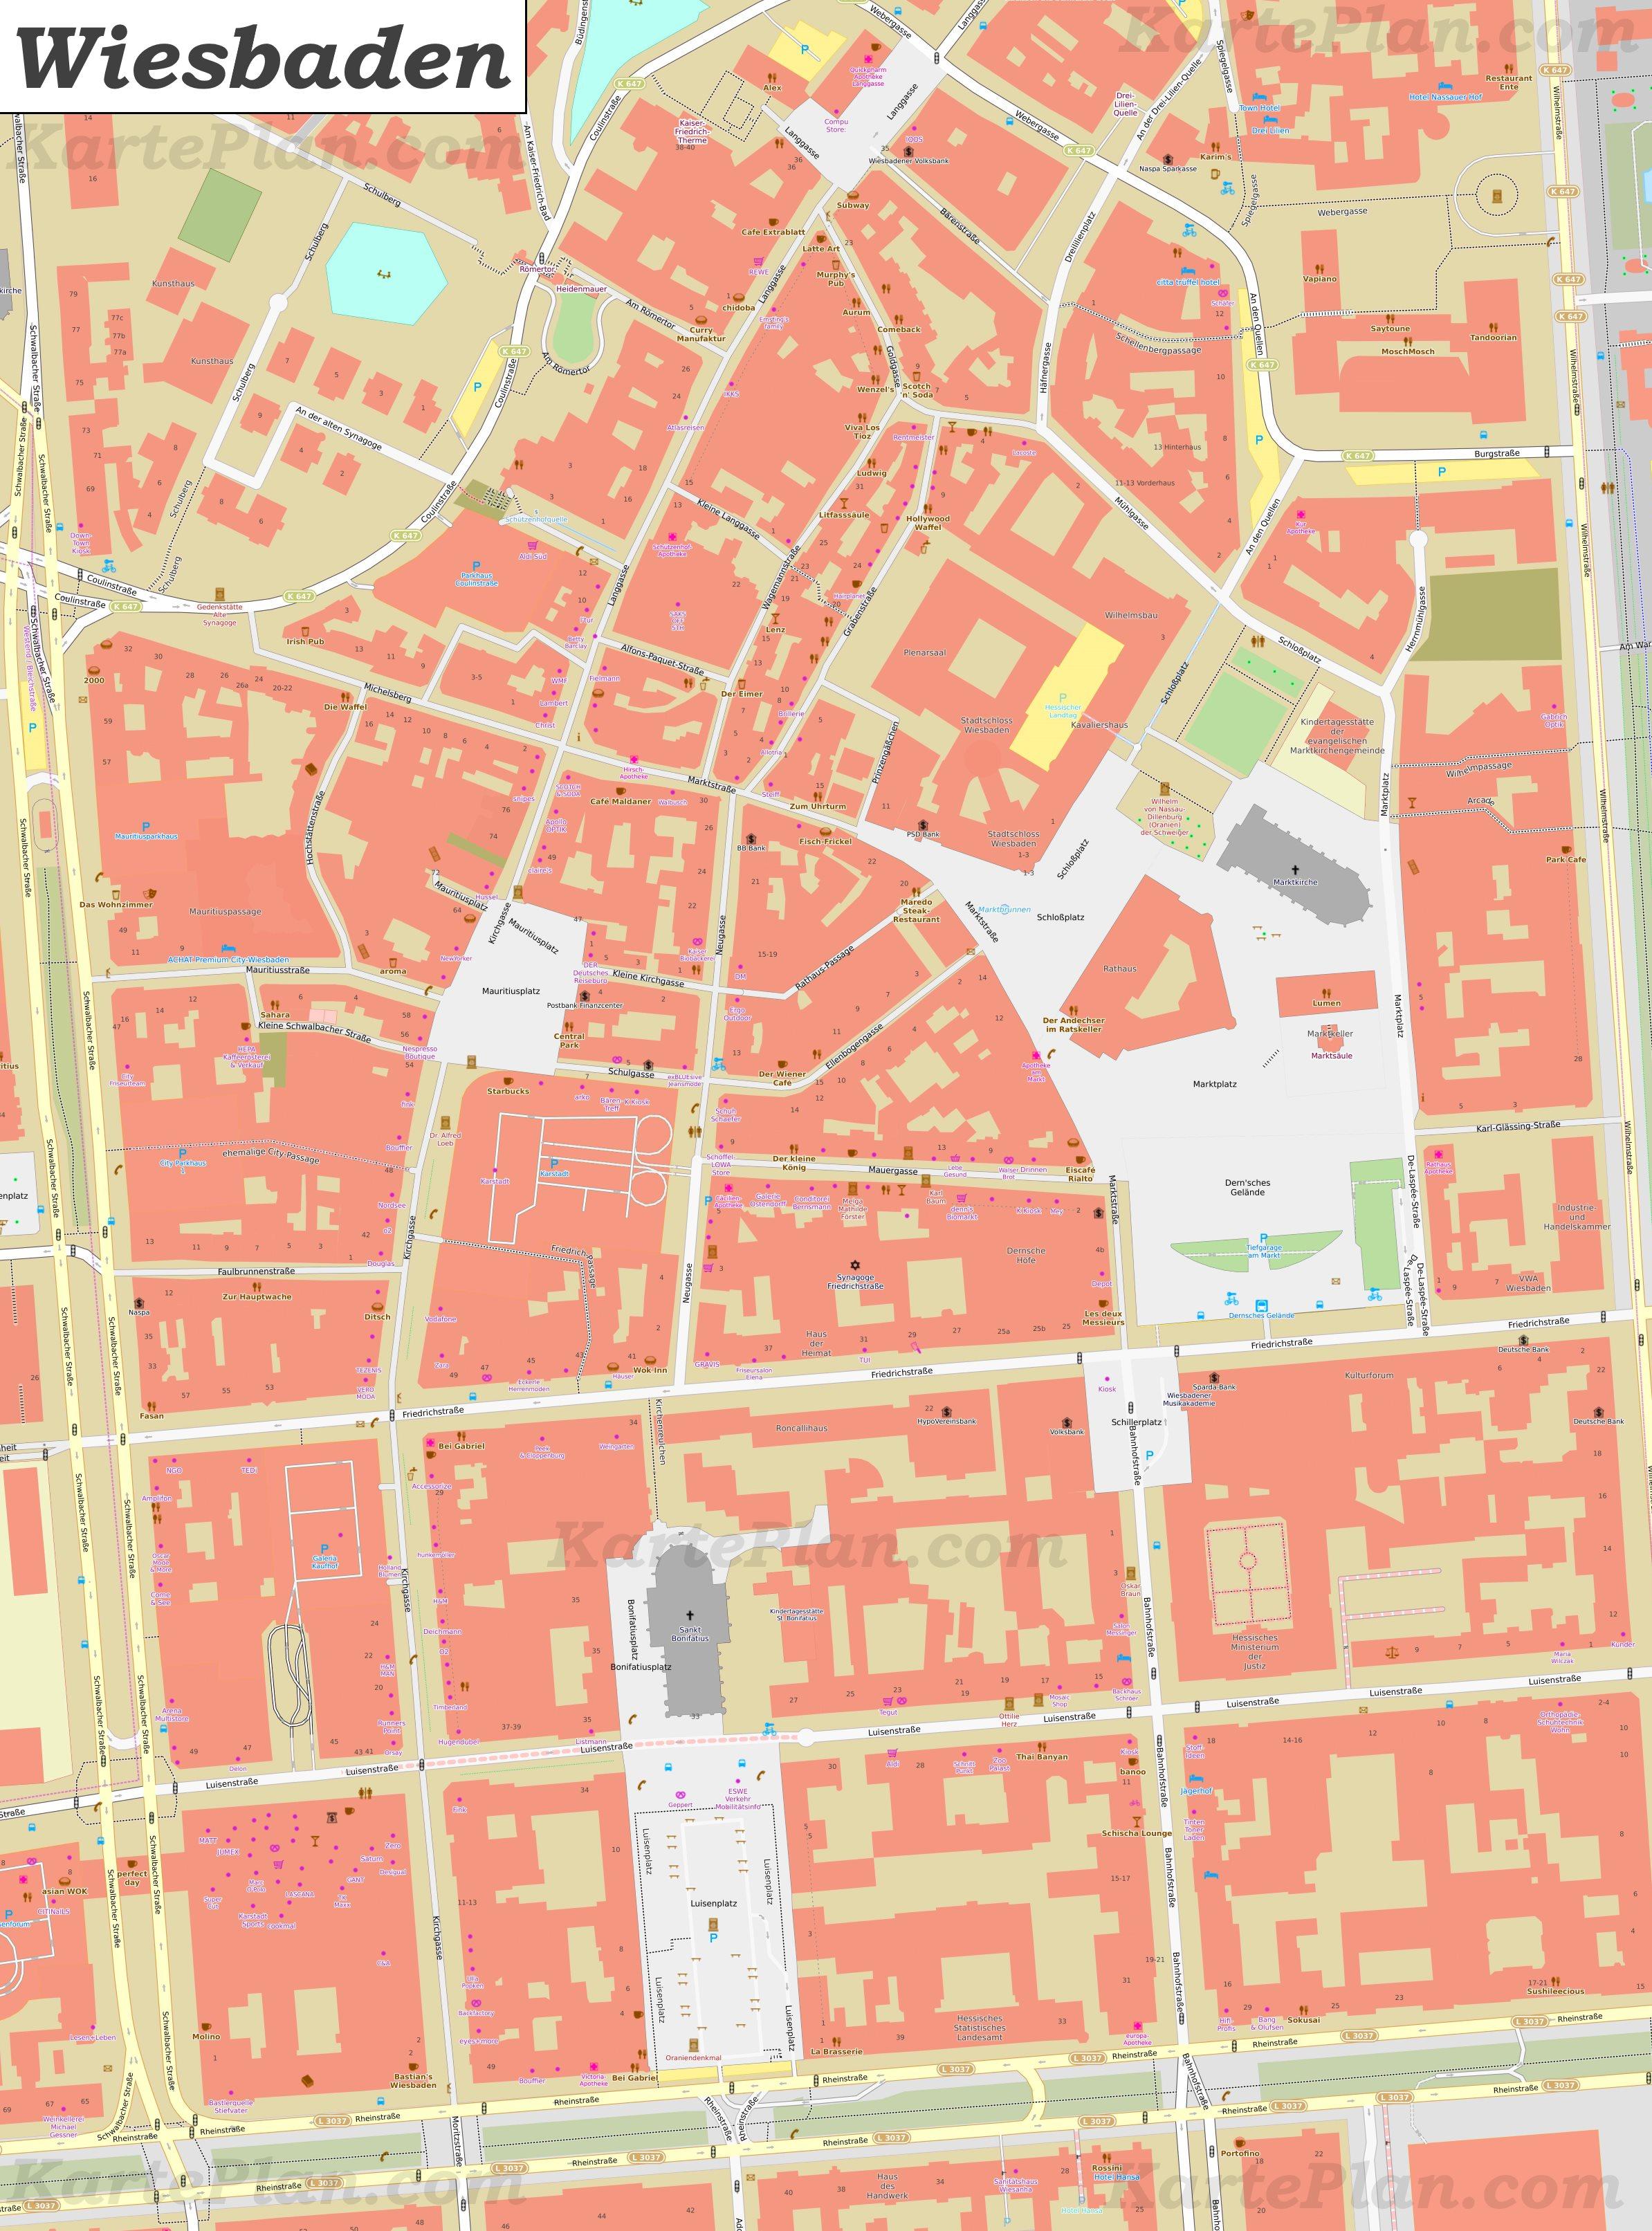 Wiesbaden Karte.Karte Von Wiesbadens Zentrum